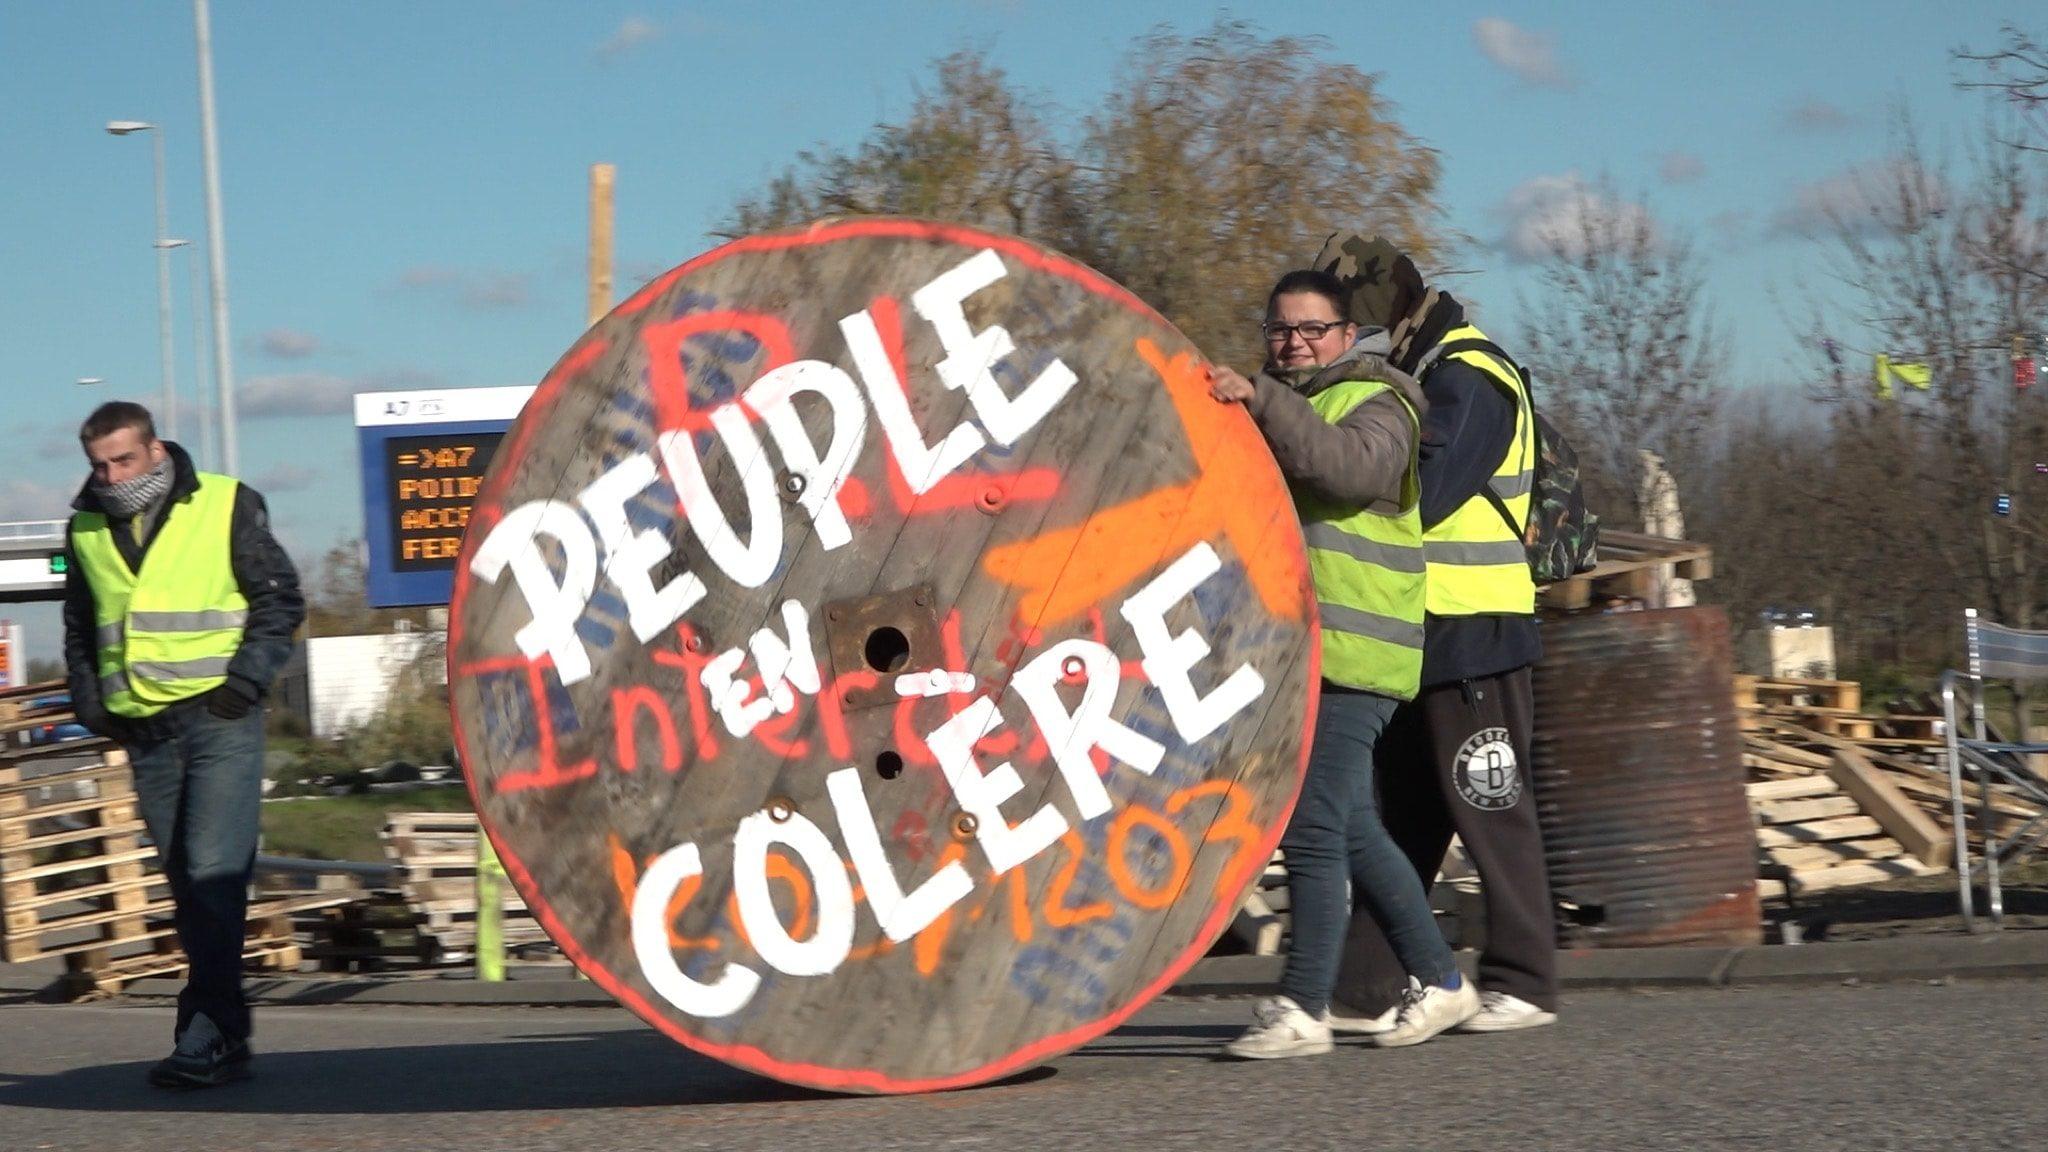 J'veux du soleil de Gilles Perret et François Ruffin image Peuple en colère film documentaire cinéma